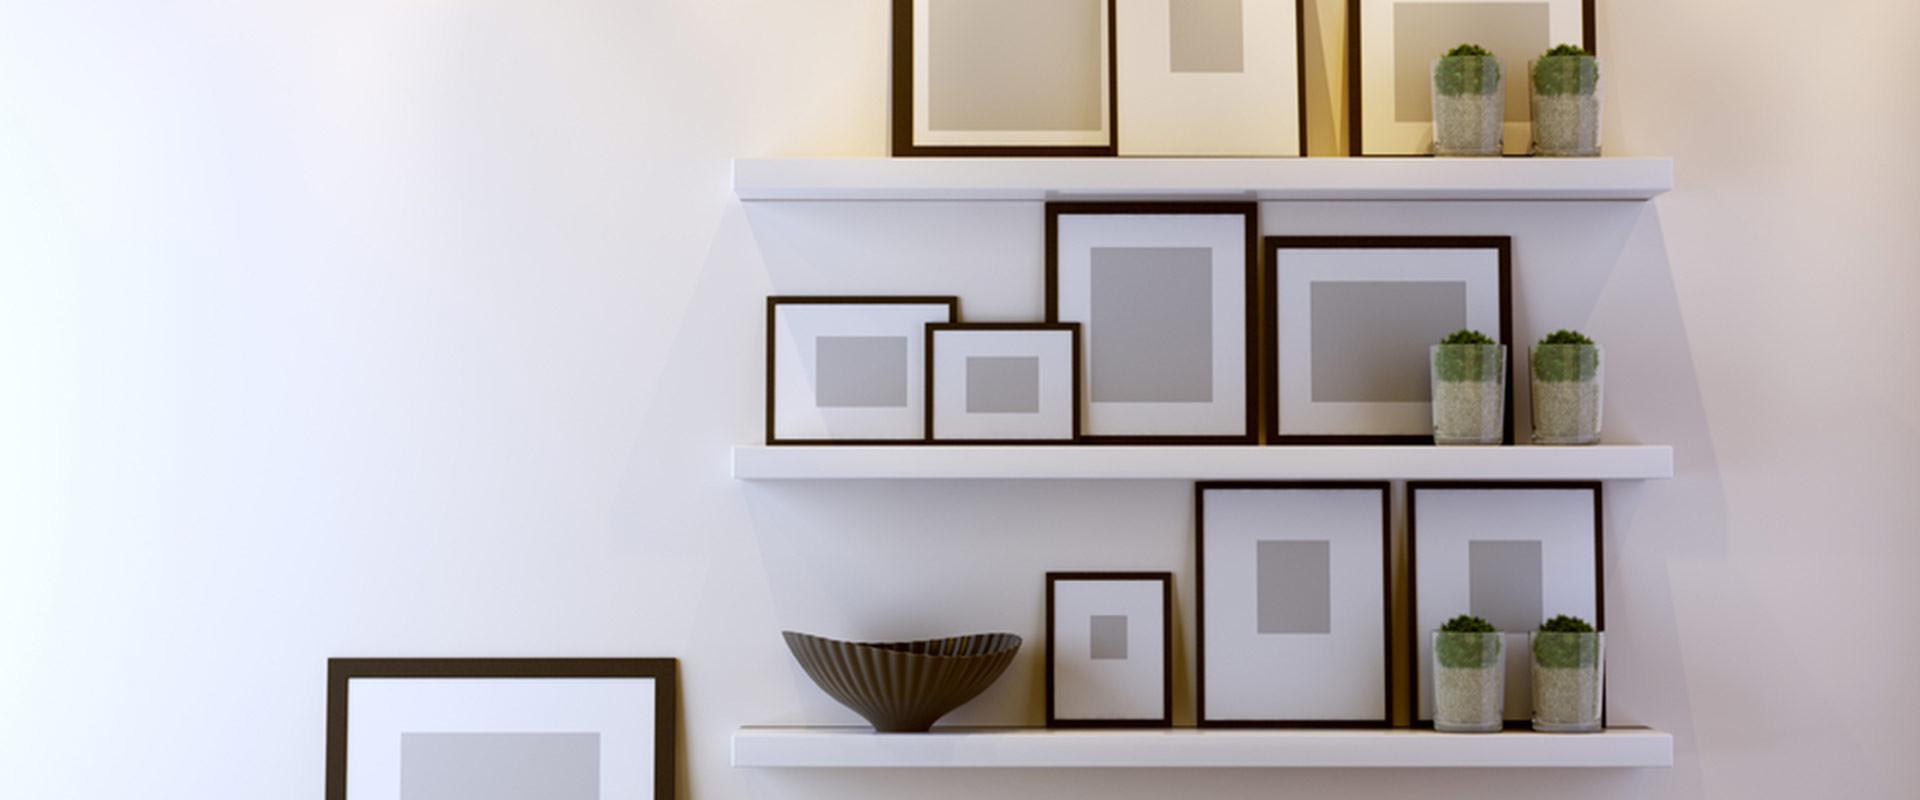 l 39 ange et le home art d coration d 39 int rieur rennes ille et vilaine 35. Black Bedroom Furniture Sets. Home Design Ideas